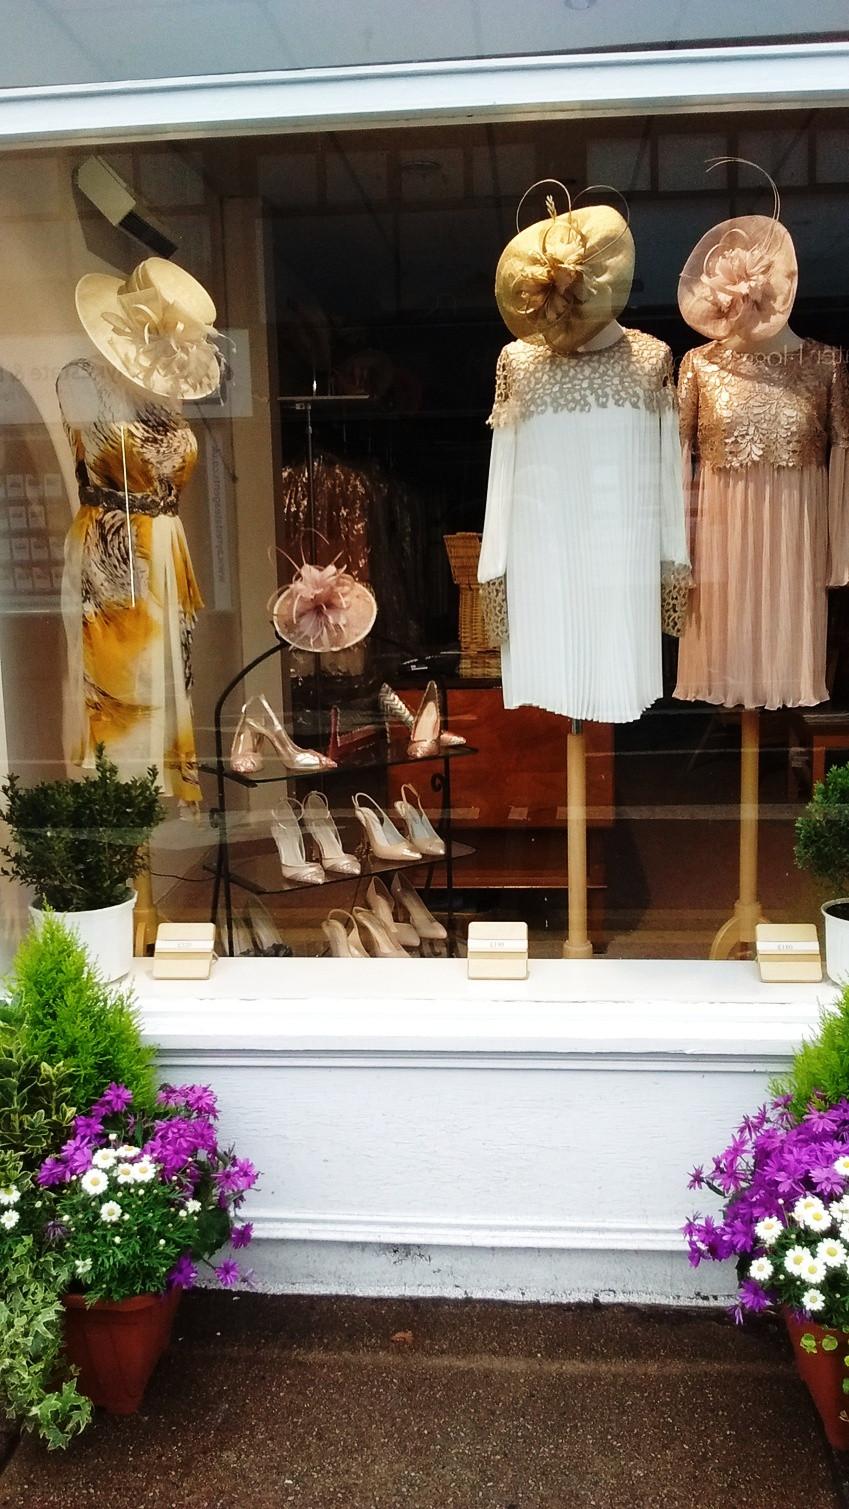 L_Occasionwear_Ayr_Glasgow_Carla_Ruiz_Dresses